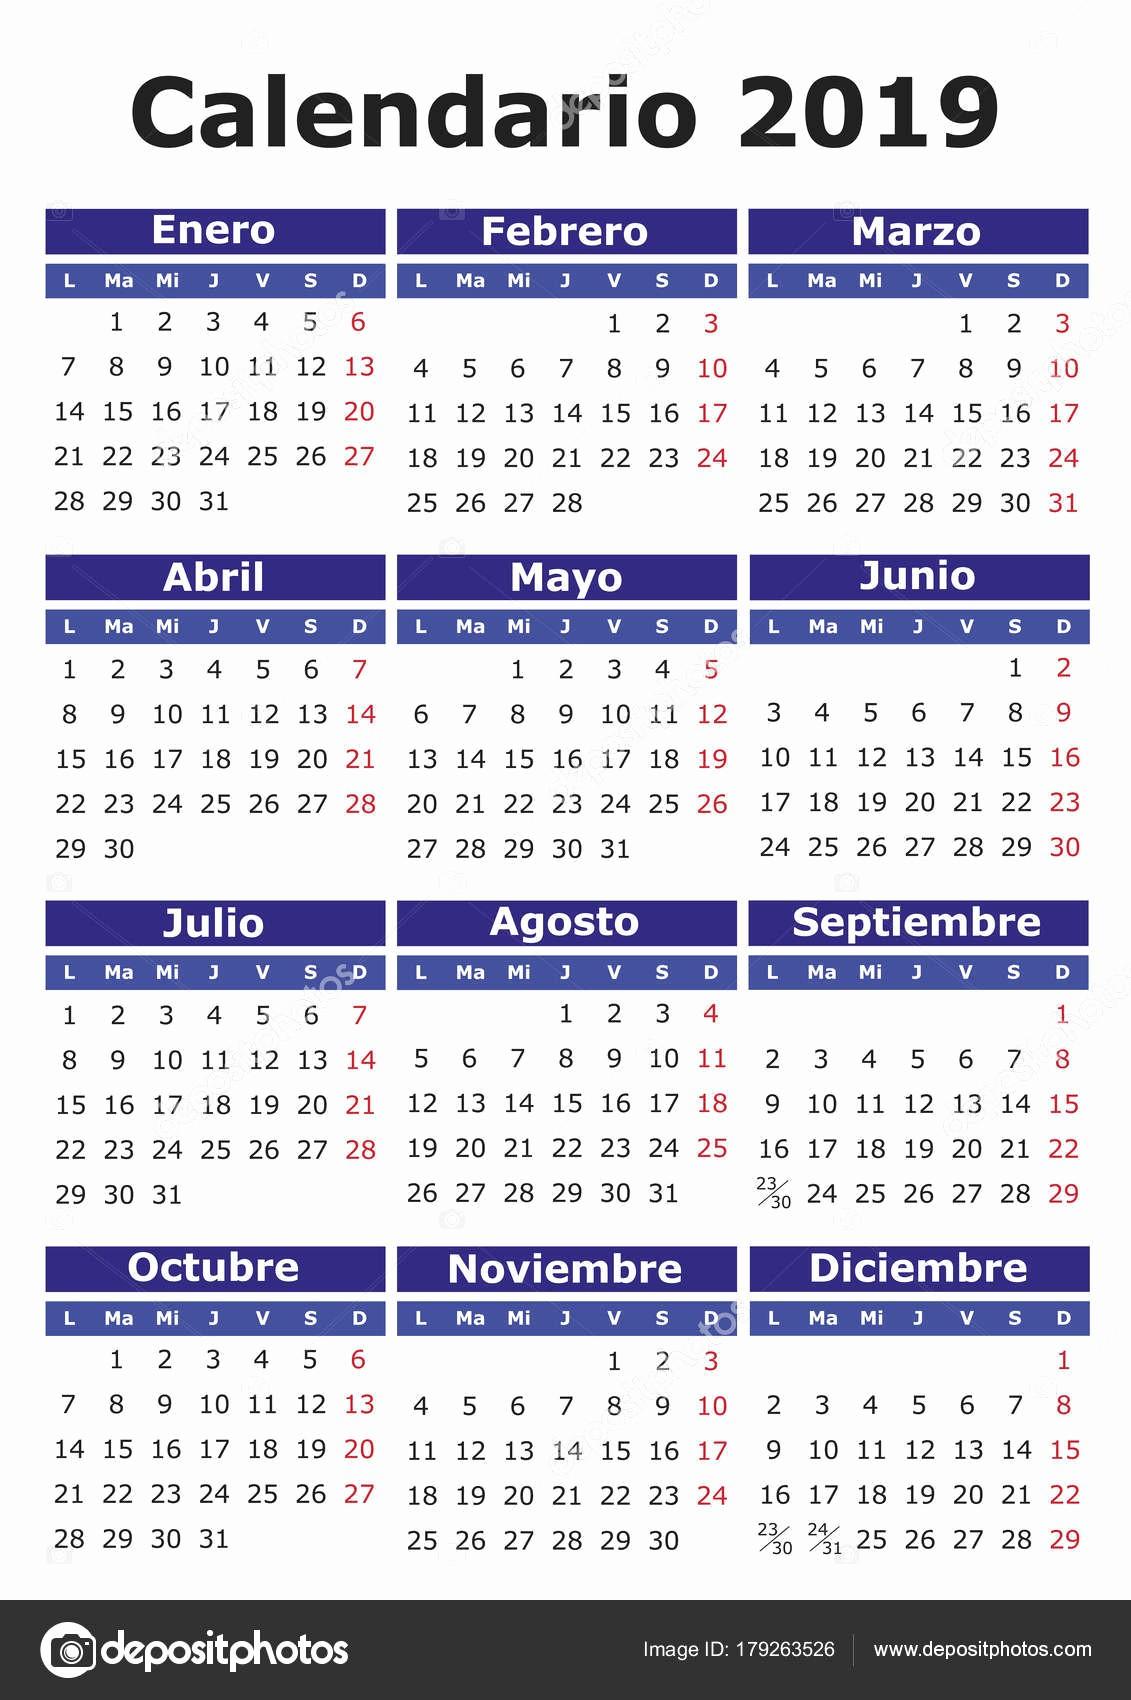 Calendario 2019 Colombia Con Festivos Y Semana Santa Para Imprimir Más Recientemente Liberado Calendario Cronologico 2019 Calendario 2019 Immagini Calendario 2019